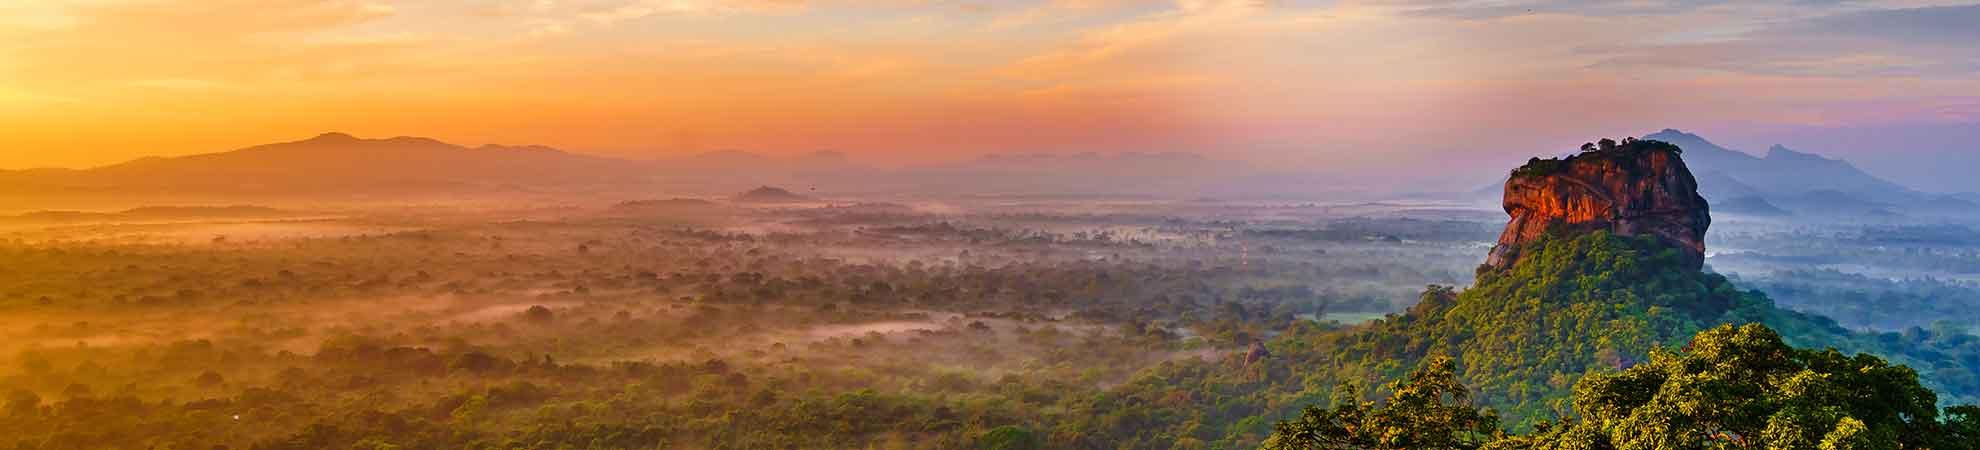 Aller au Sri Lanka pas cher